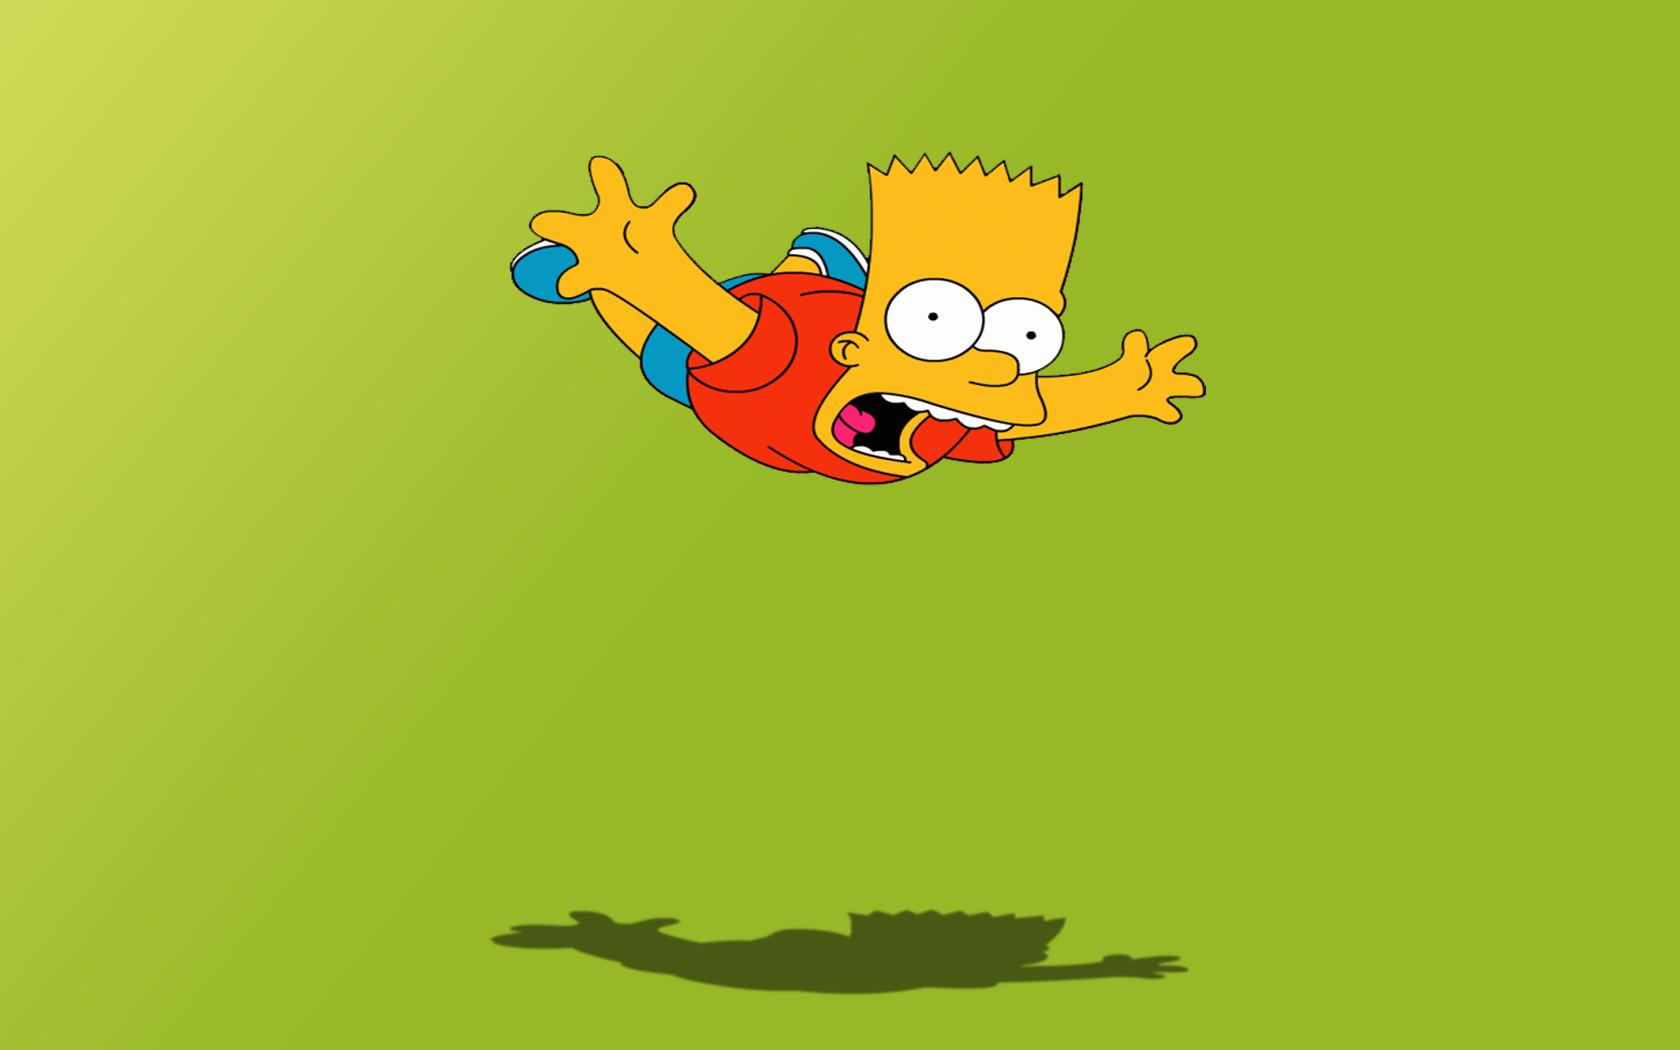 Симпсоны обои, бесплатные фото, обои ...: pictures11.ru/simpsony-oboi.html